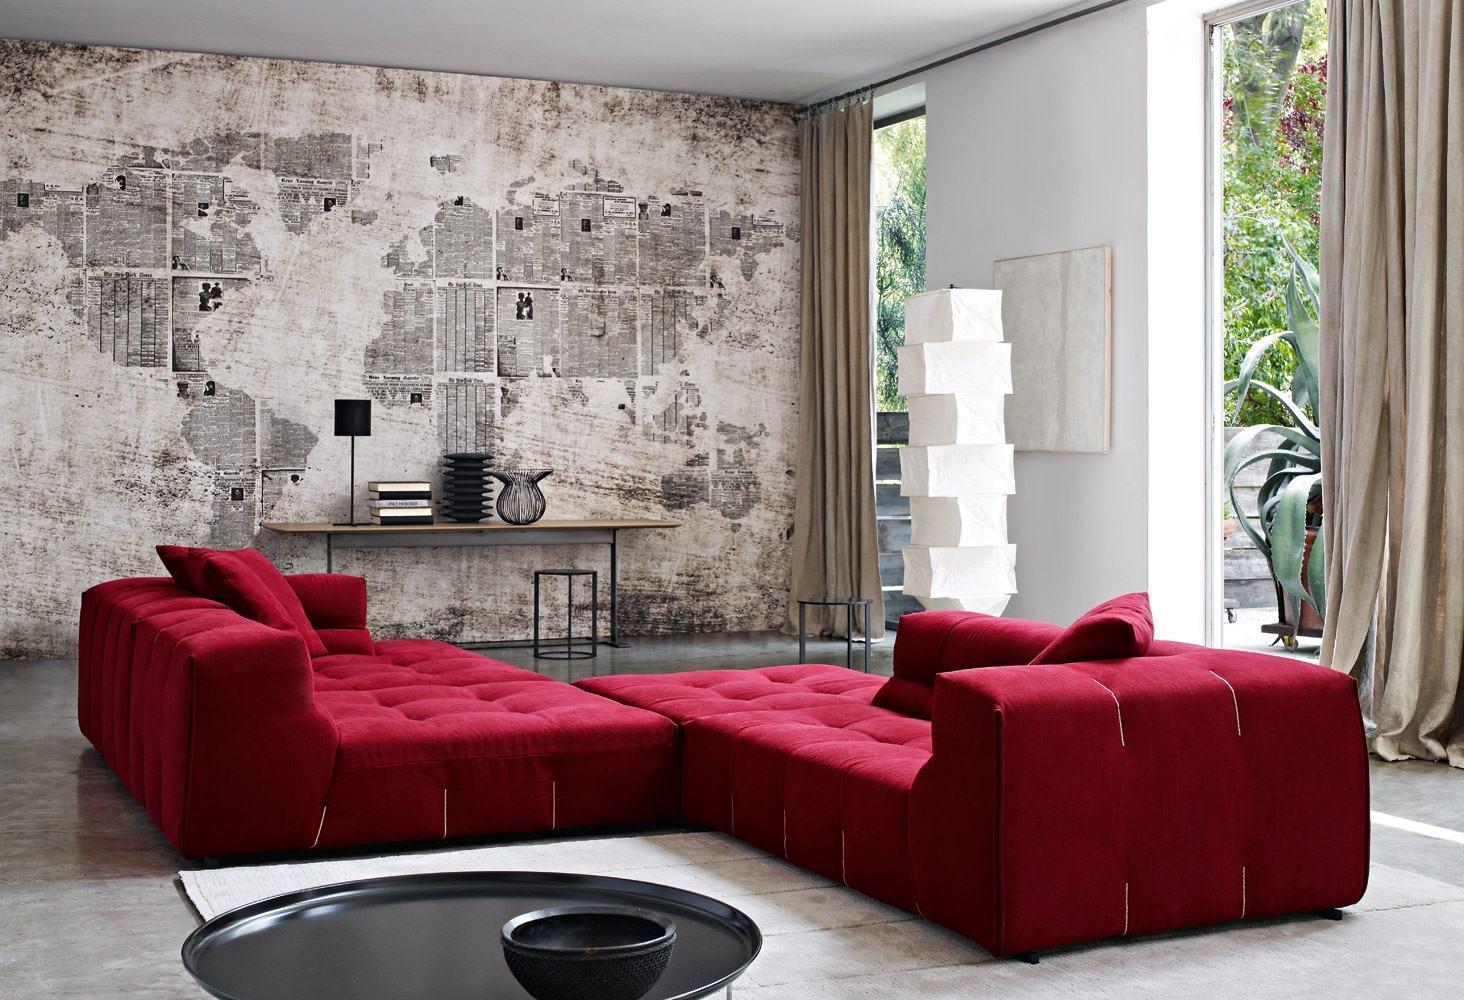 60 Salas Com Sof S Vermelhos Fotos Inspira Es -> Sala Simples Clean